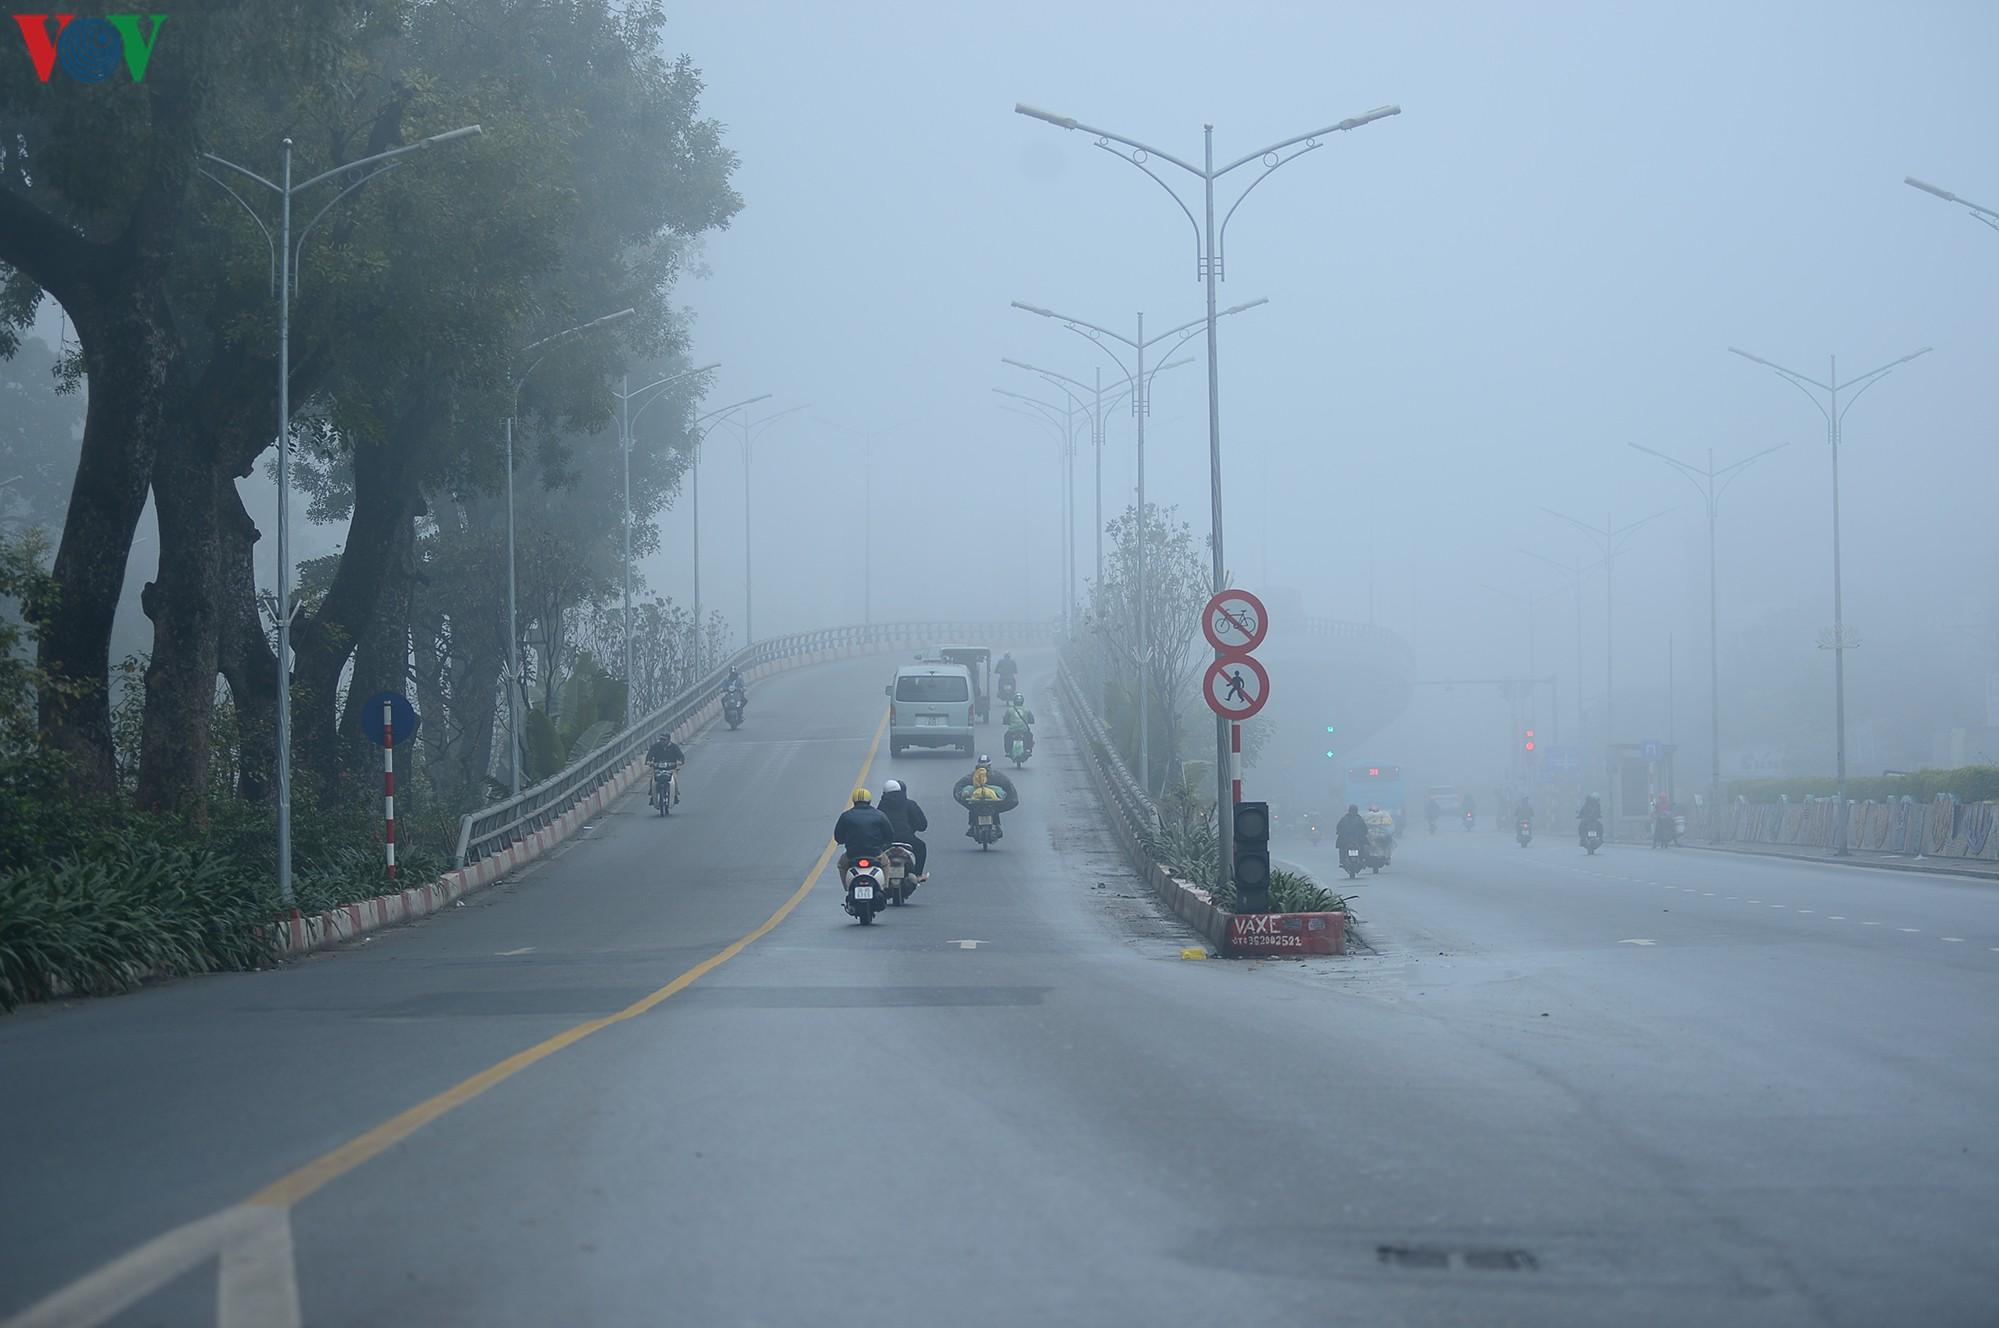 Hà Nội lại chìm trong sương mù dày đặc Ảnh 6